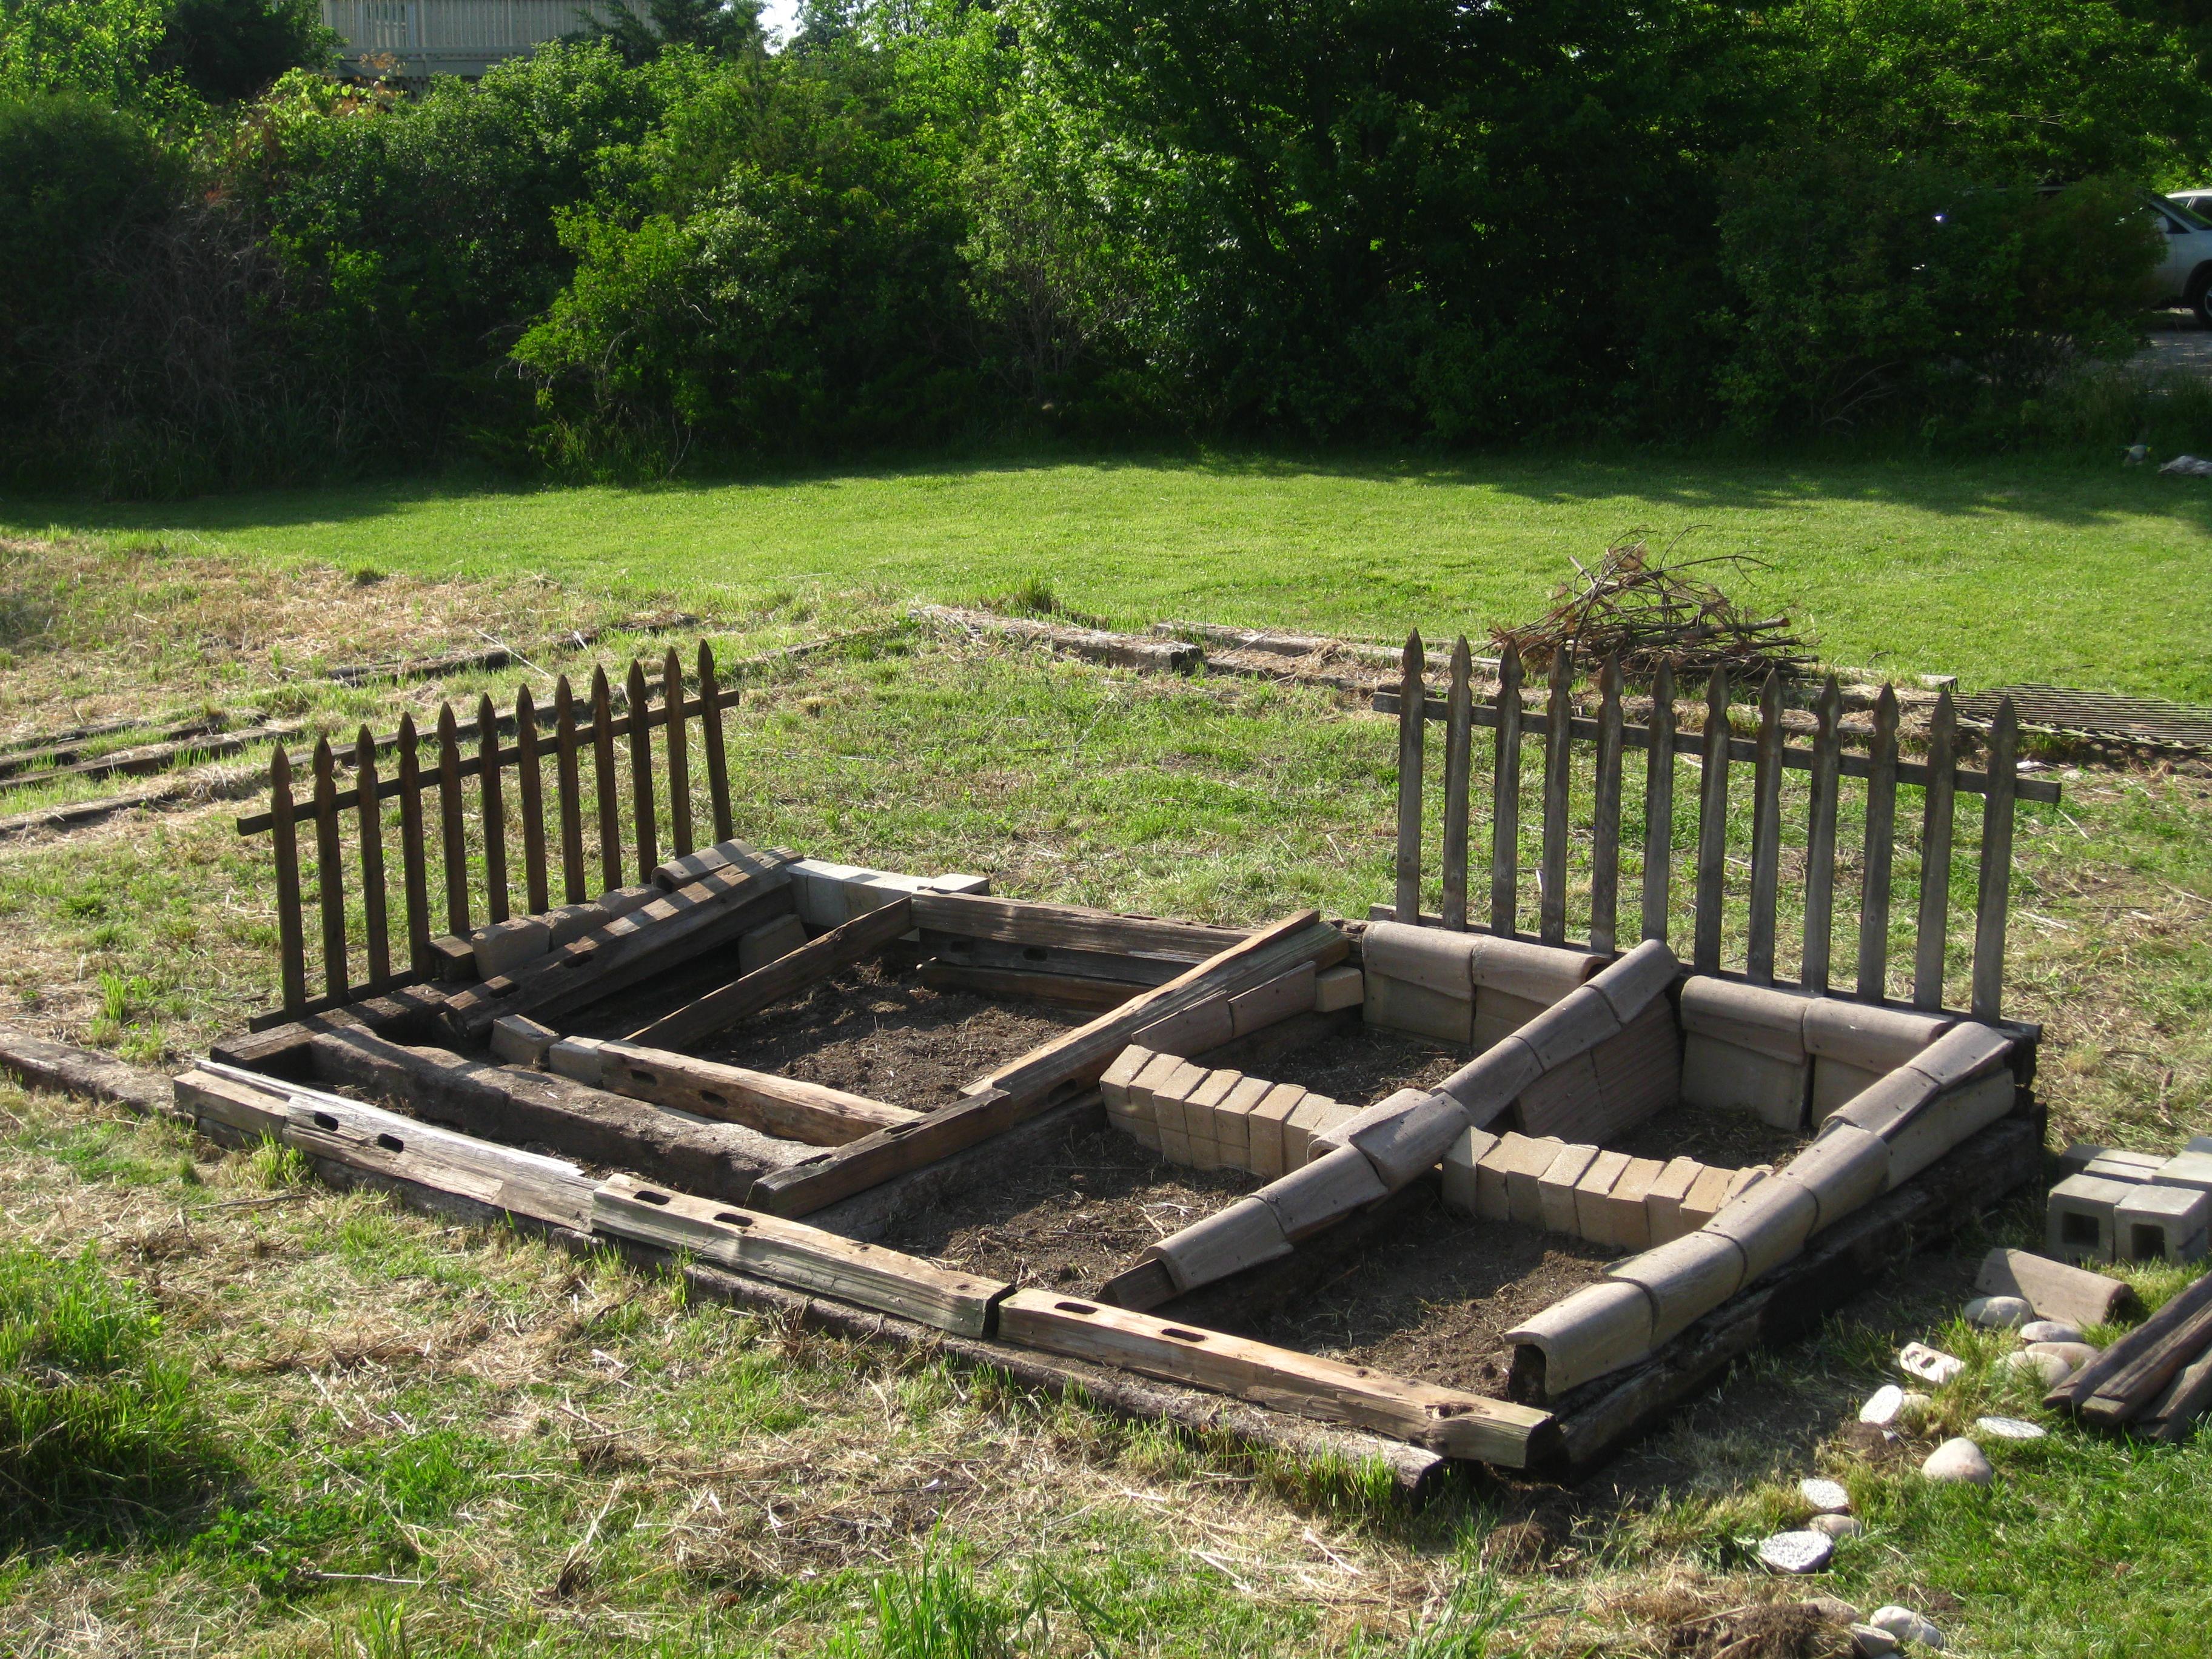 Raised Bed Gardening Plans Hillside Woodworking